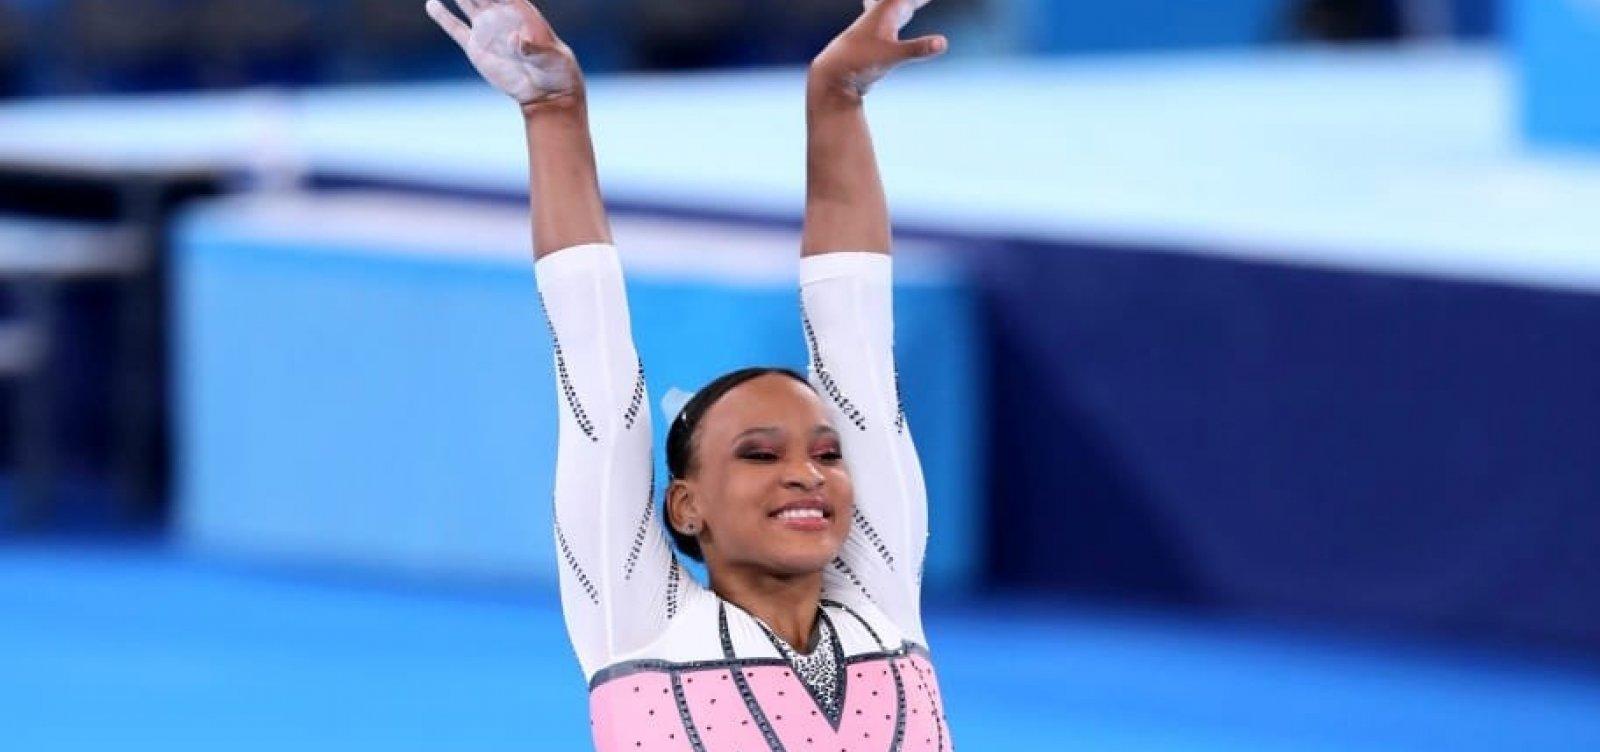 Com ouro no salto, Rebeca Andrade é a primeira ginasta brasileira campeã nas Olimpíadas